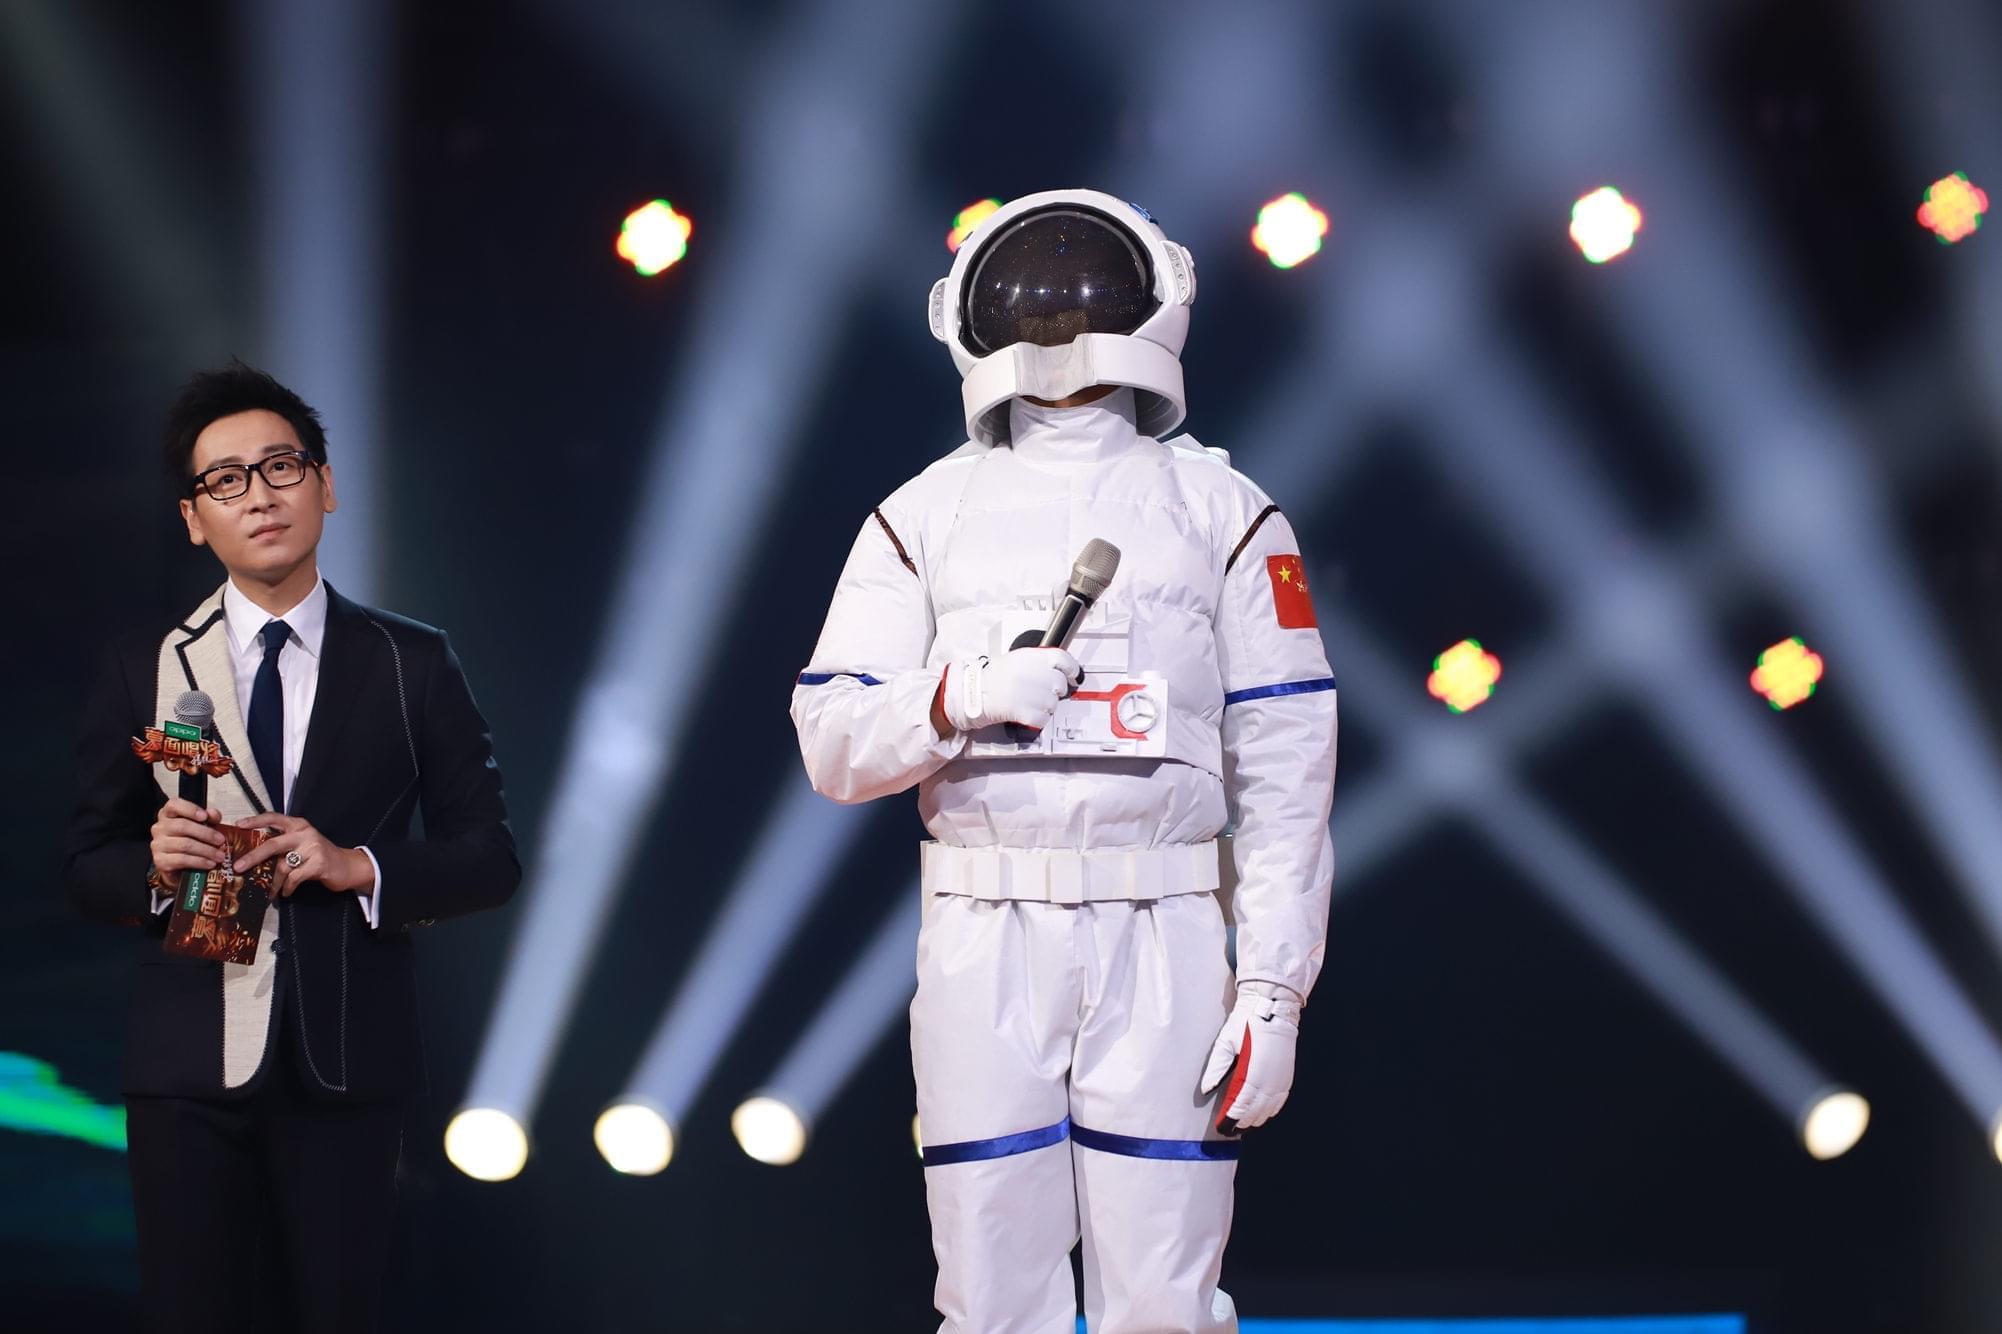 奥运冠军空降《蒙面》 史上最高唱将锁定孙杨刘翔